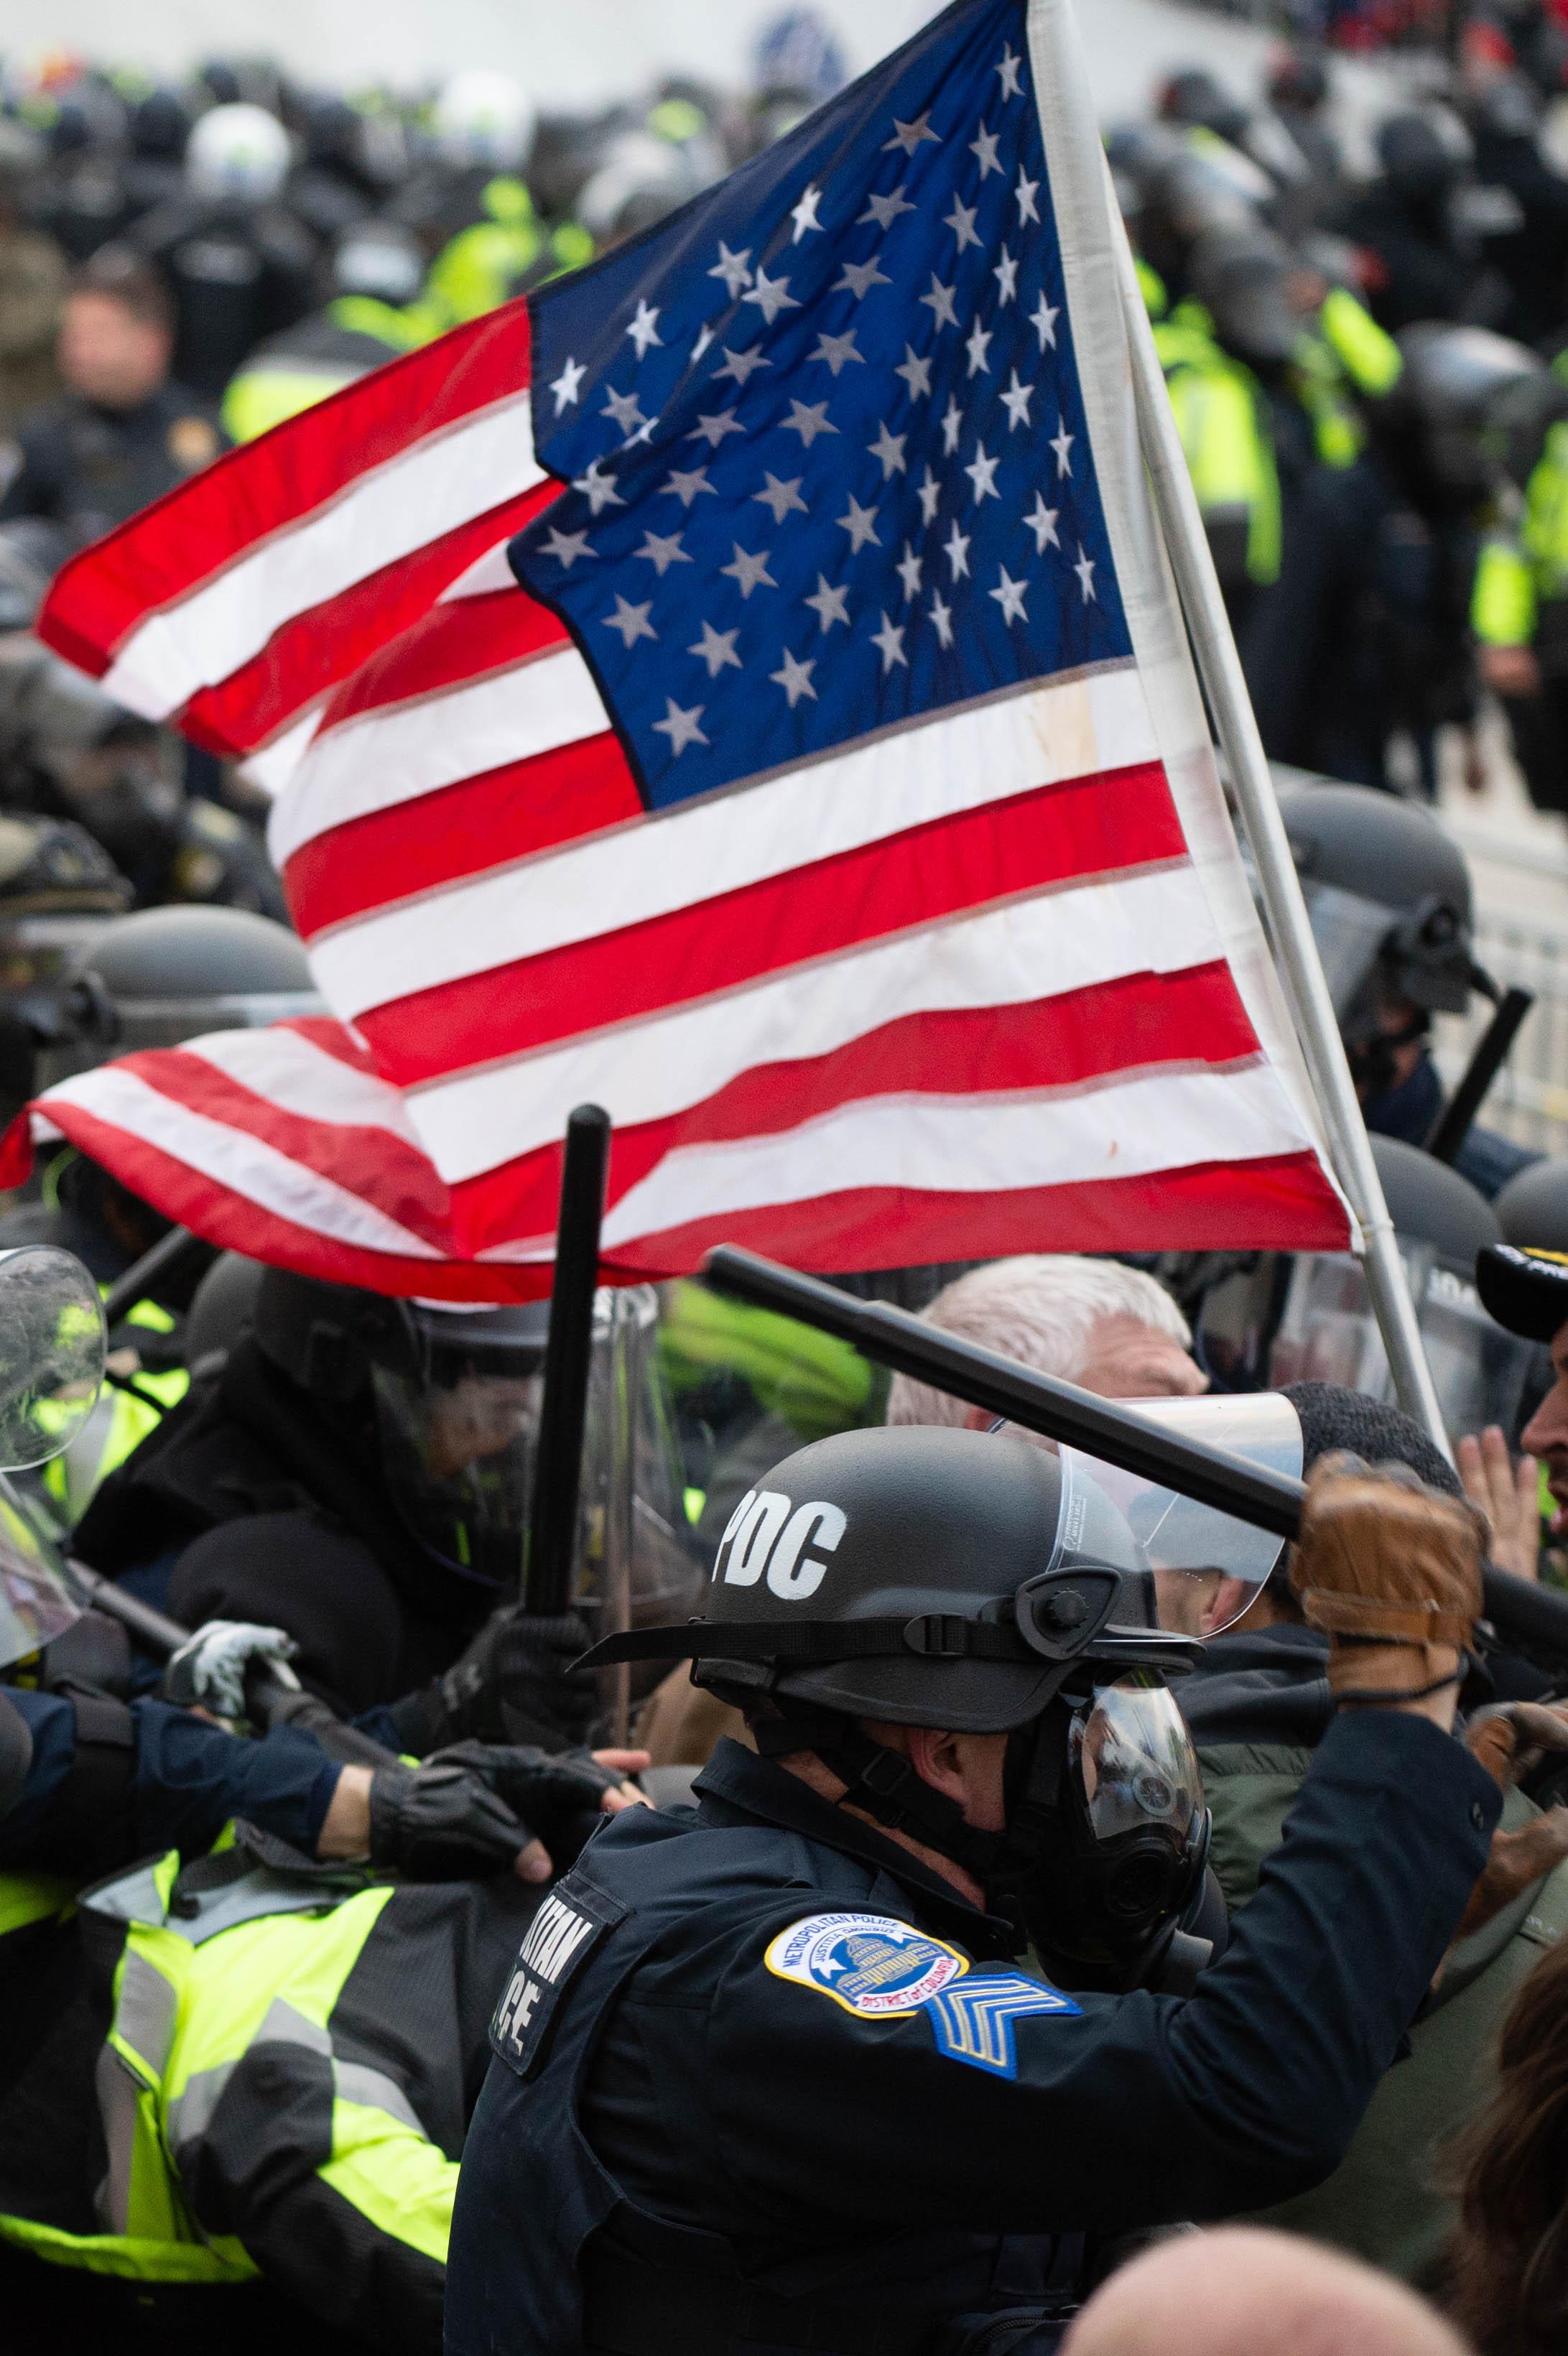 (Foto: ROBERTO SCHMIDT / AFP)Apoiadores do presidente dos EUA, Donald Trump, lutam com a tropa de choque do lado de fora do prédio do Capitólio em 5 de janeiro de 2021 em Washington, DC. - Os partidários de Donald Trump invadiram uma sessão do Congresso realizada hoje, 6 de janeiro, para certificar a vitória eleitoral de Joe Biden, desencadeando caos e violência sem precedentes no coração da democracia americana e acusações de que o presidente estava tentando um golpe. (Foto de ROBERTO SCHMIDT / AFP)